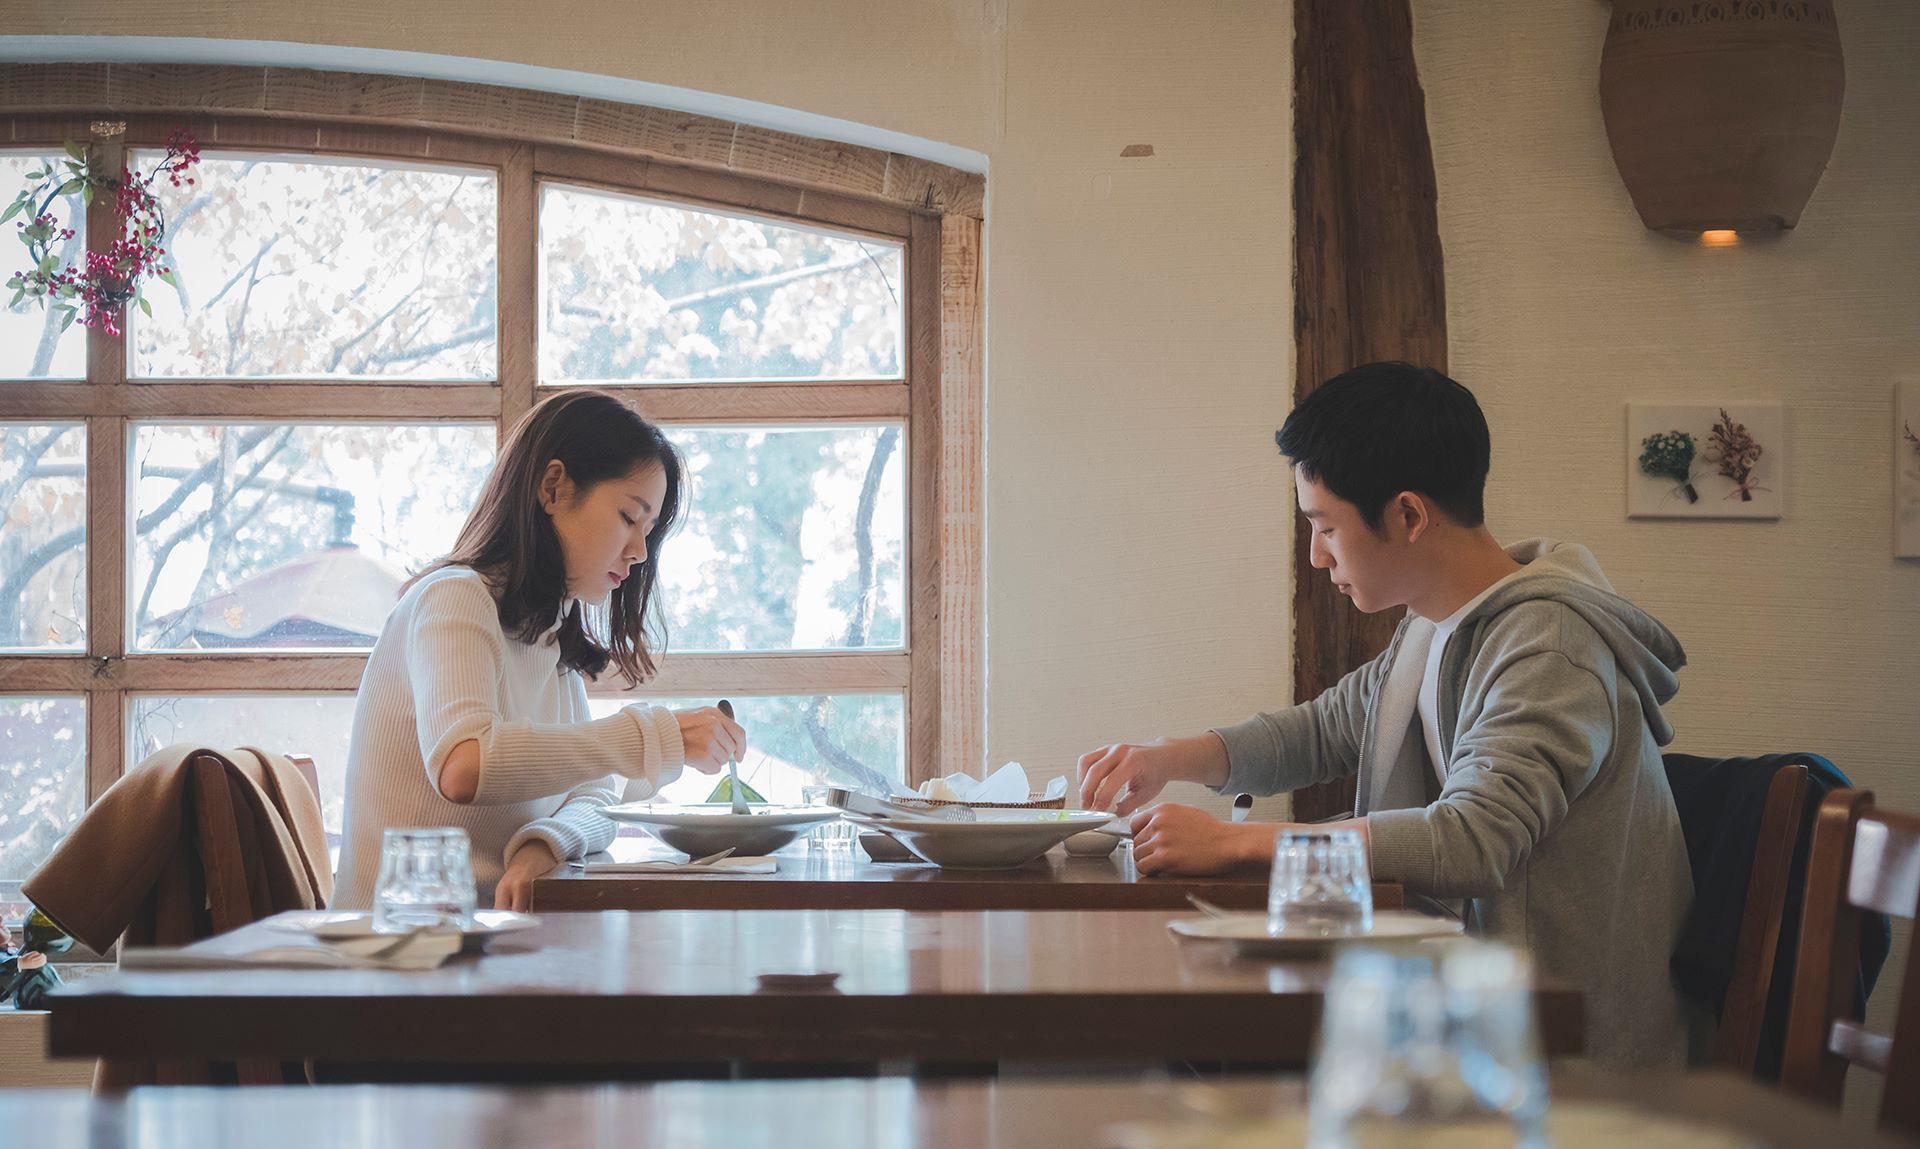 Chị Đẹp Mua Cơm Ngon Cho Tôi - Hàn Quốc (2018)